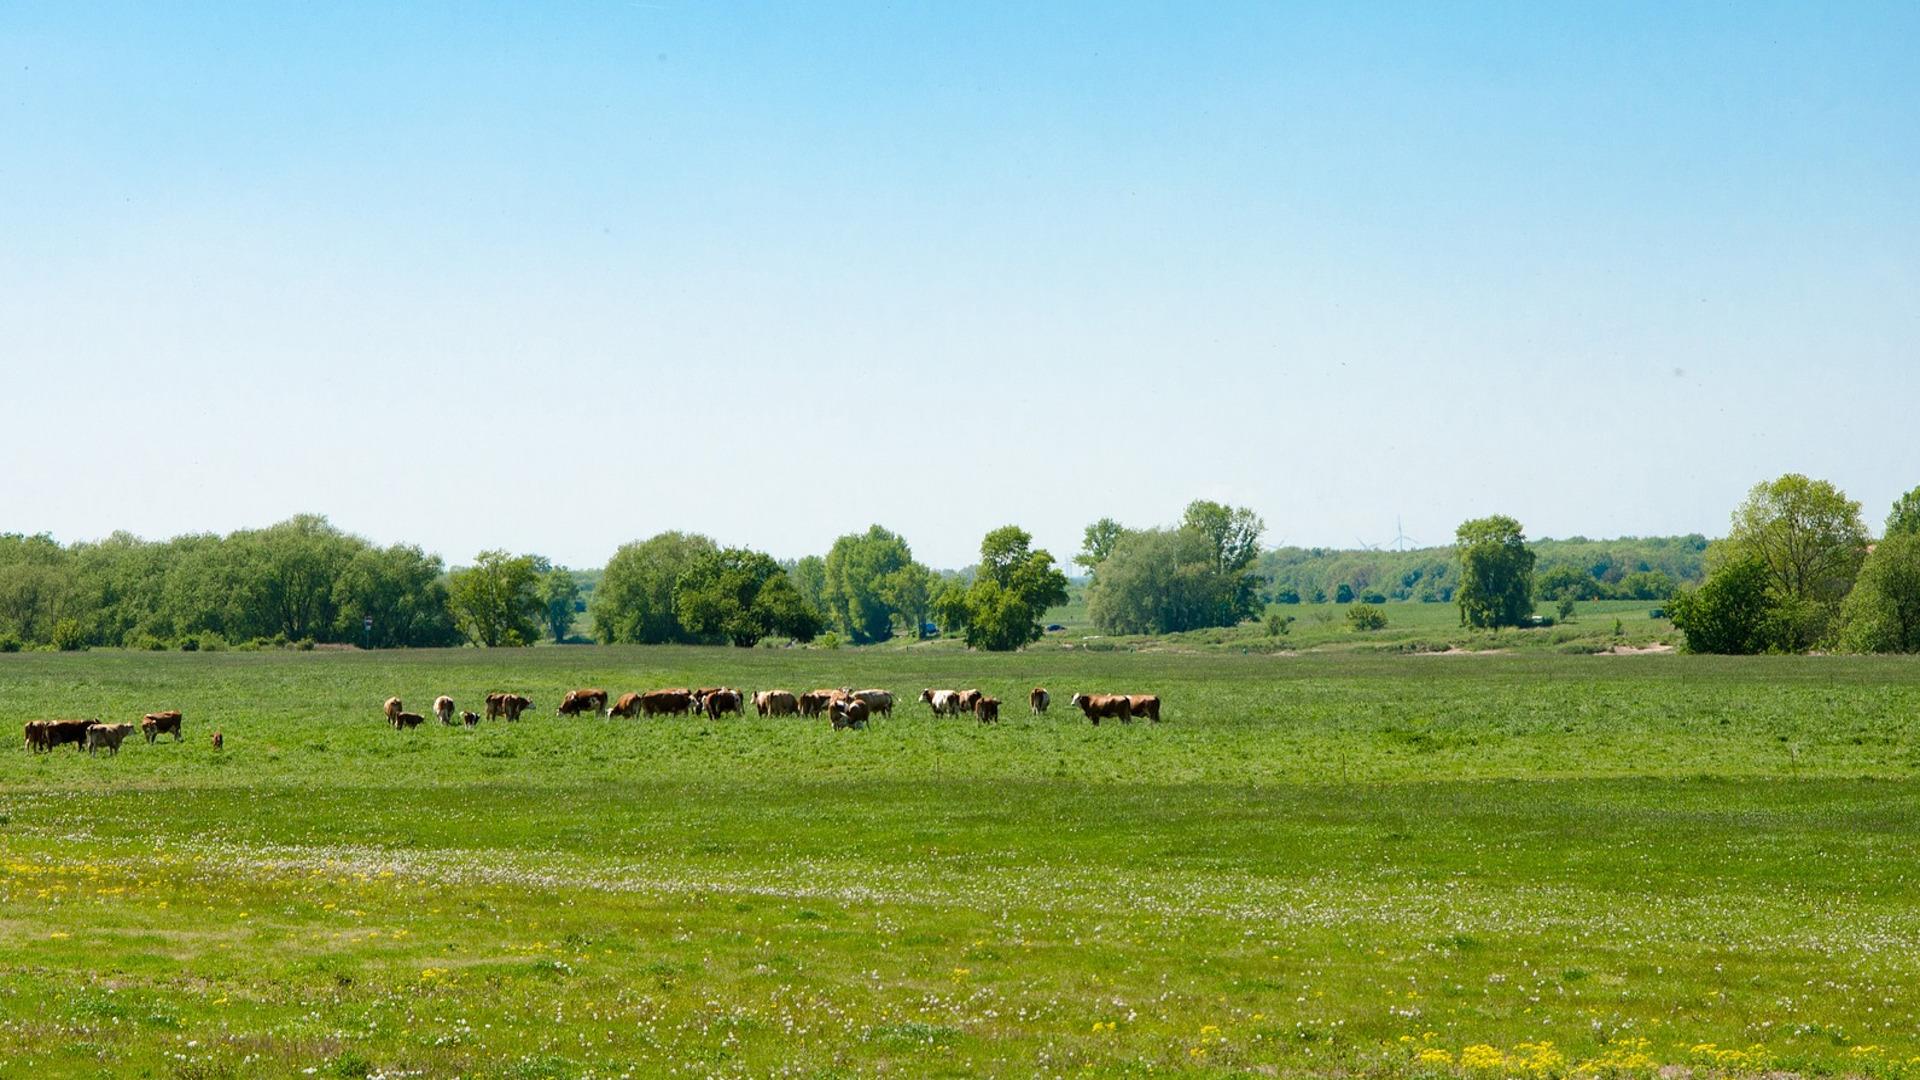 Las exigencias medioambientales de la PAC superadas con creces por los agricultores y ganaderos españoles1920